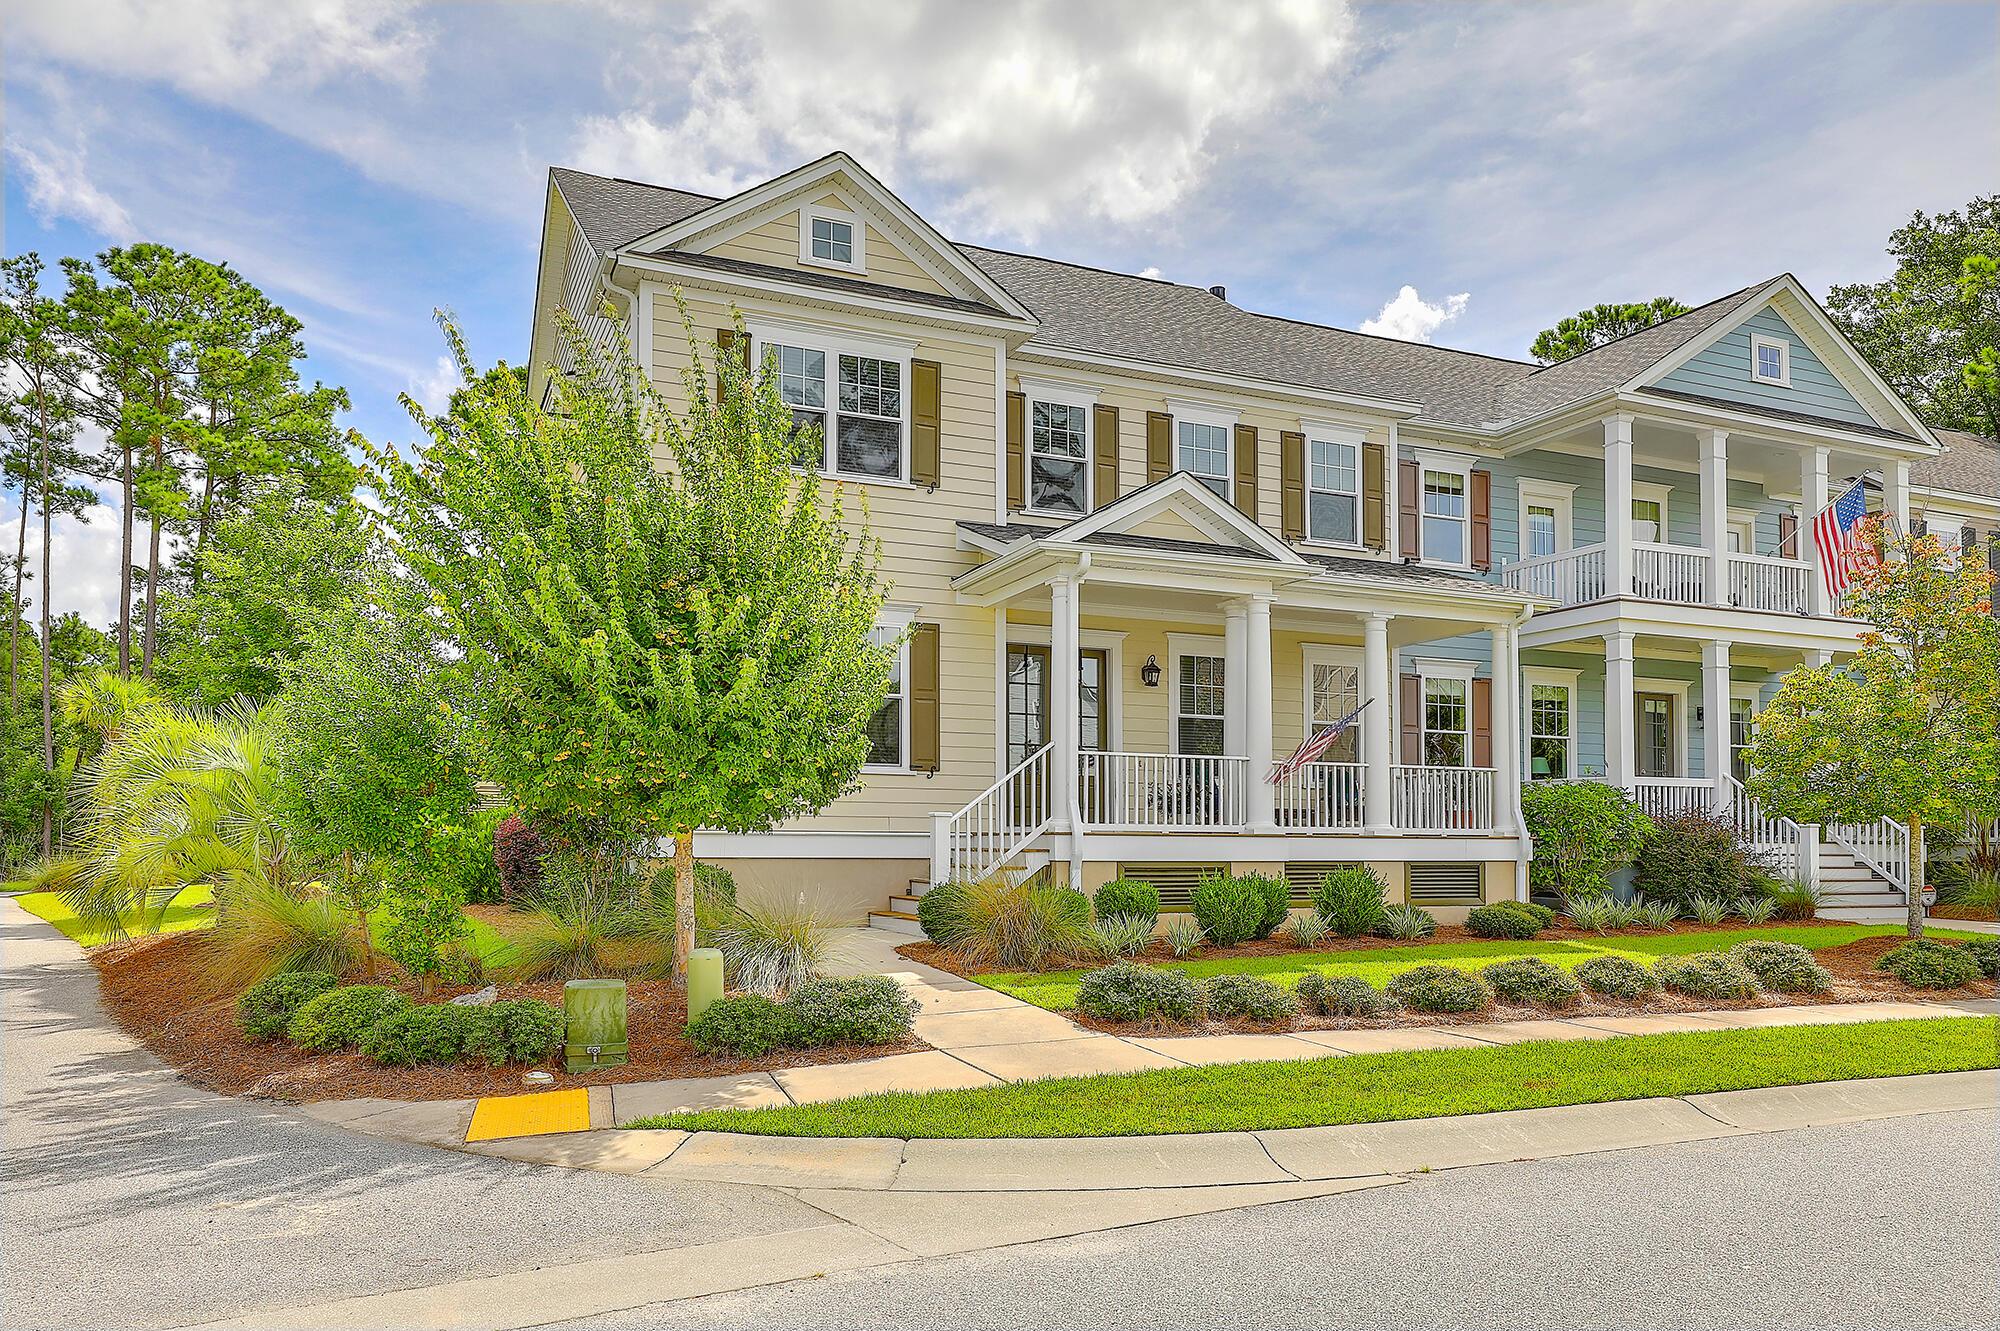 Dunes West Homes For Sale - 3171 Sturbridge, Mount Pleasant, SC - 6